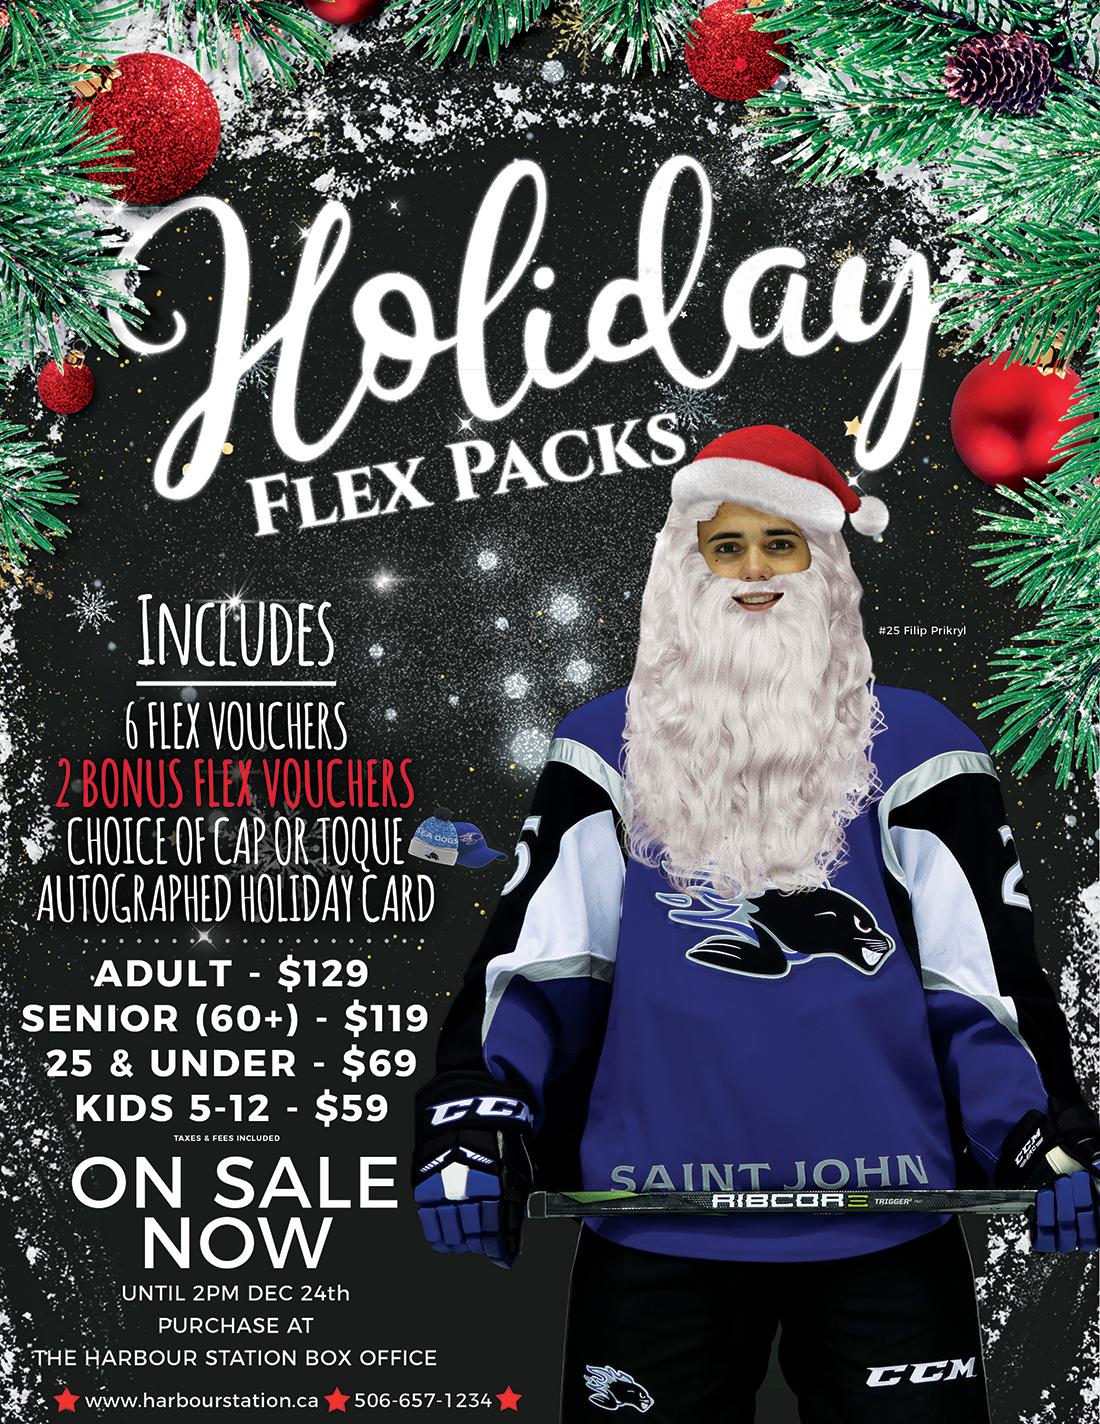 HolidayFlexPack-Poster-JPG